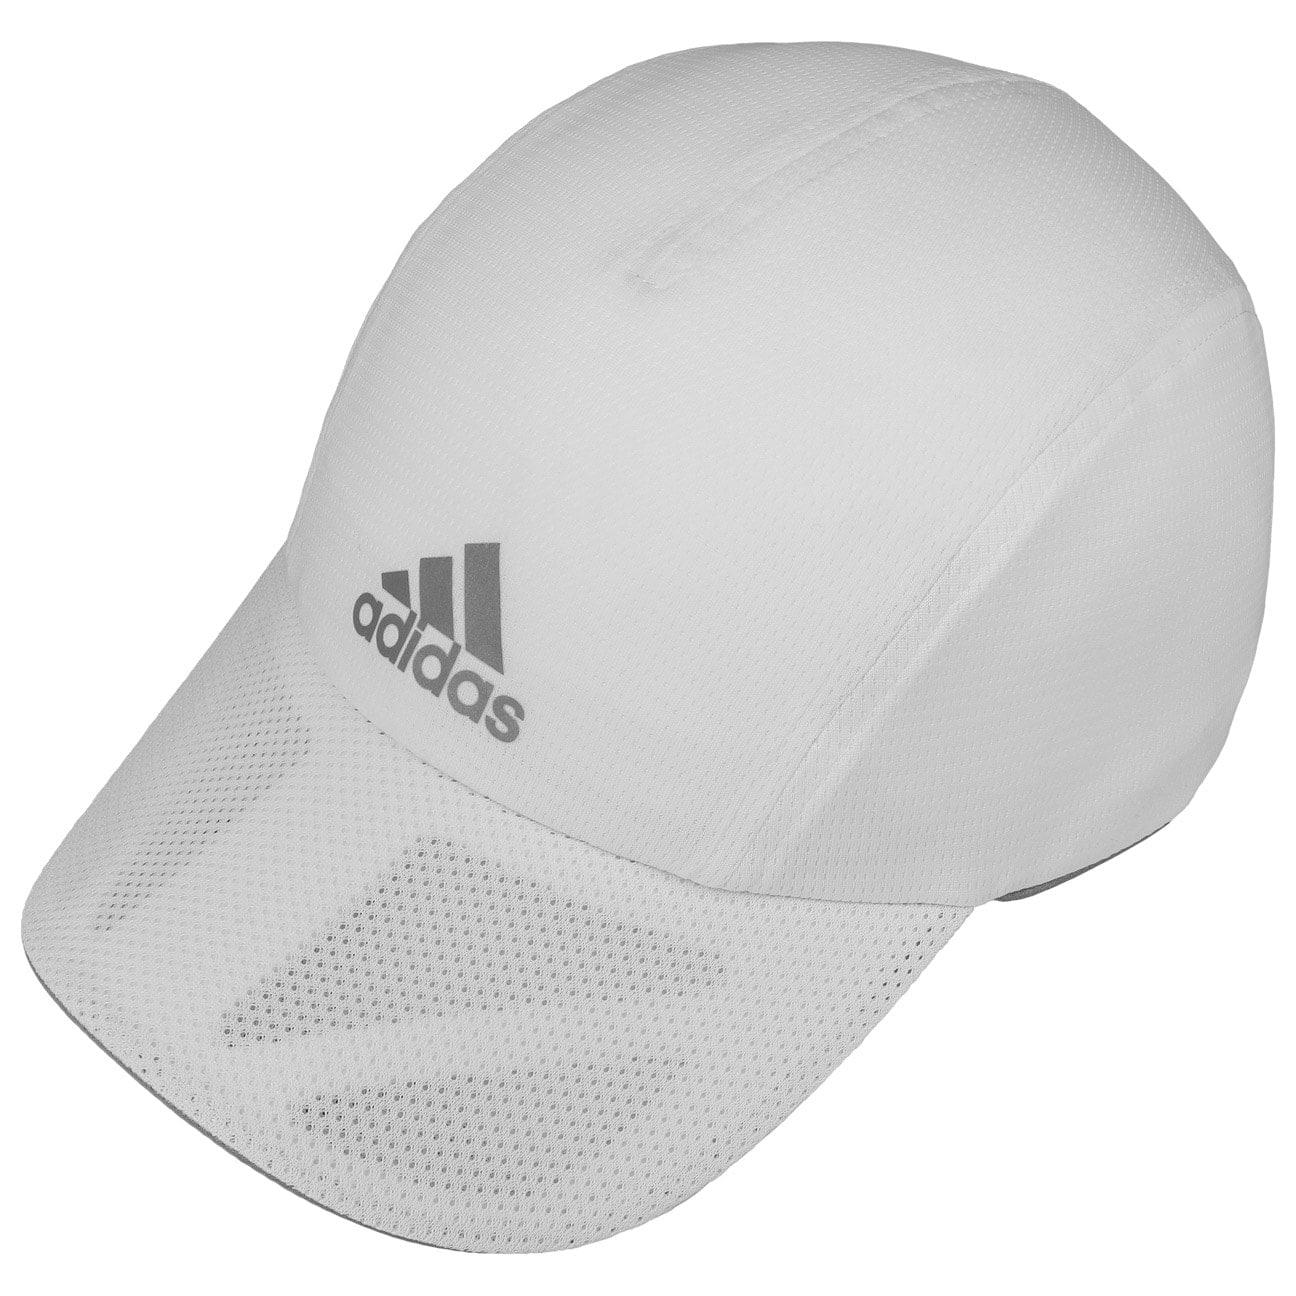 Run Climalite Sports Cap by adidas - white 2 ... a38625e3ec4